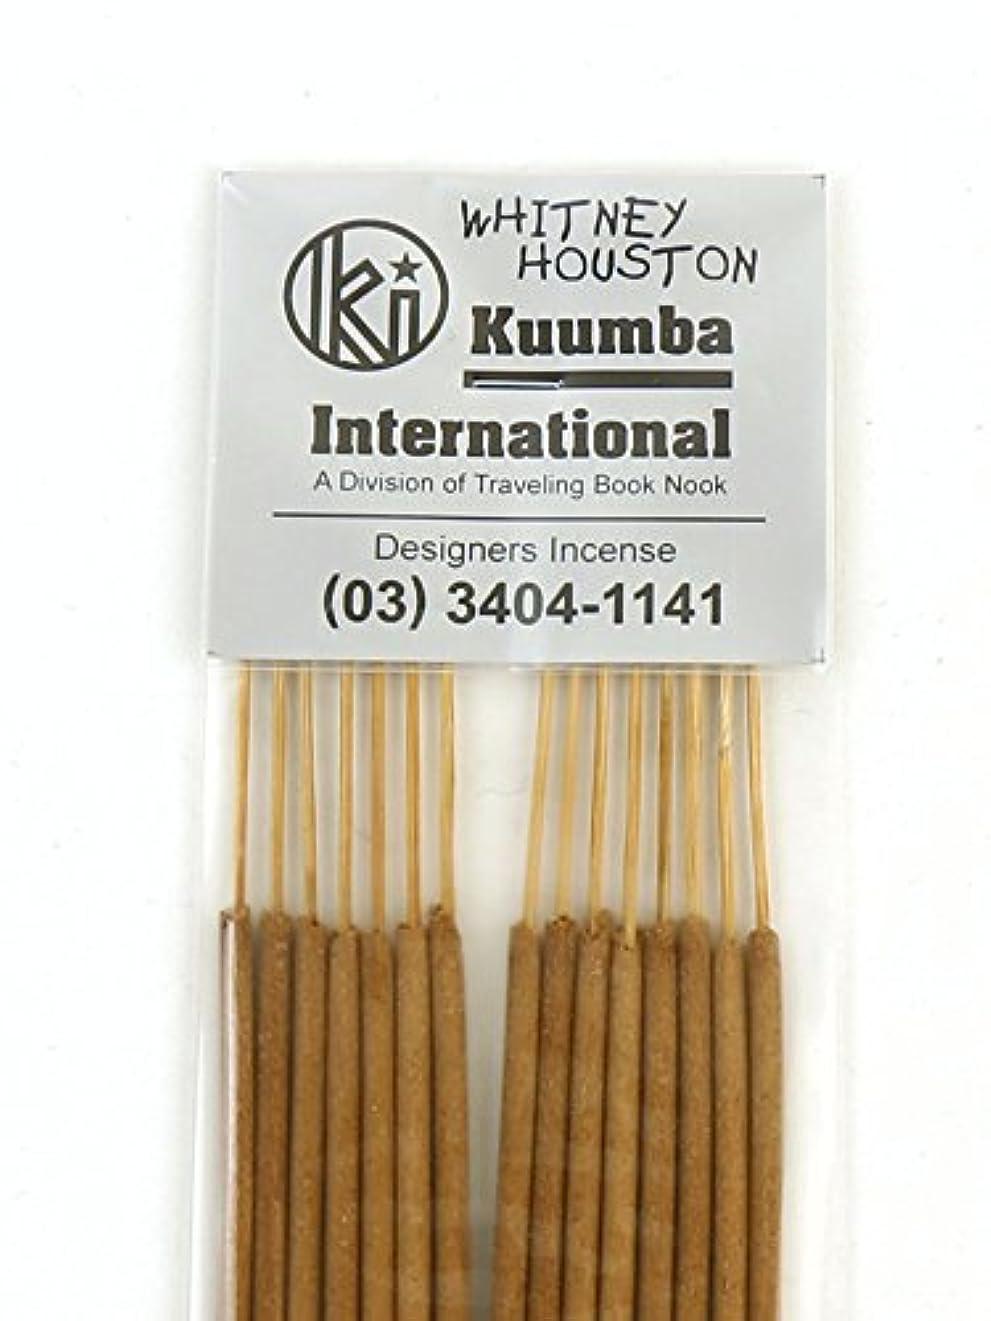 ご予約補助襲撃(クンバ) Kuumbaスティックインセンスお香レギュラーサイズB(15本入り)RG-INCENSE?358 F(フリー) WHOUS(WHITNEY H